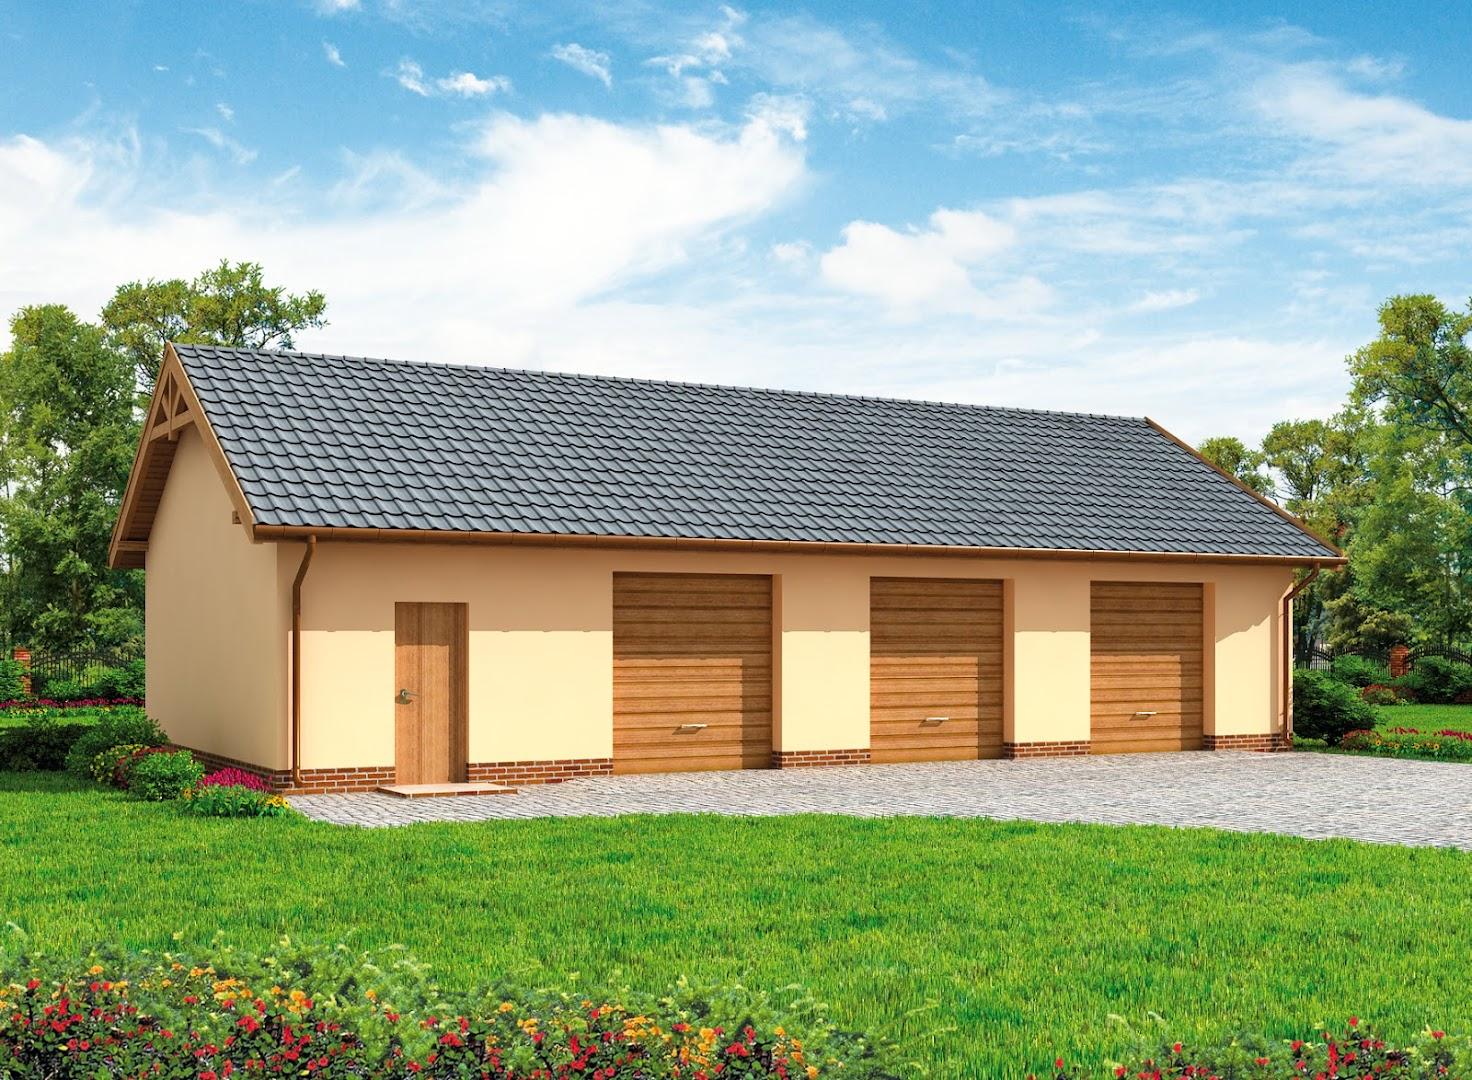 Projekt Garażu G217 Szkielet Drewniany Garaż Trzystanowiskowy Z